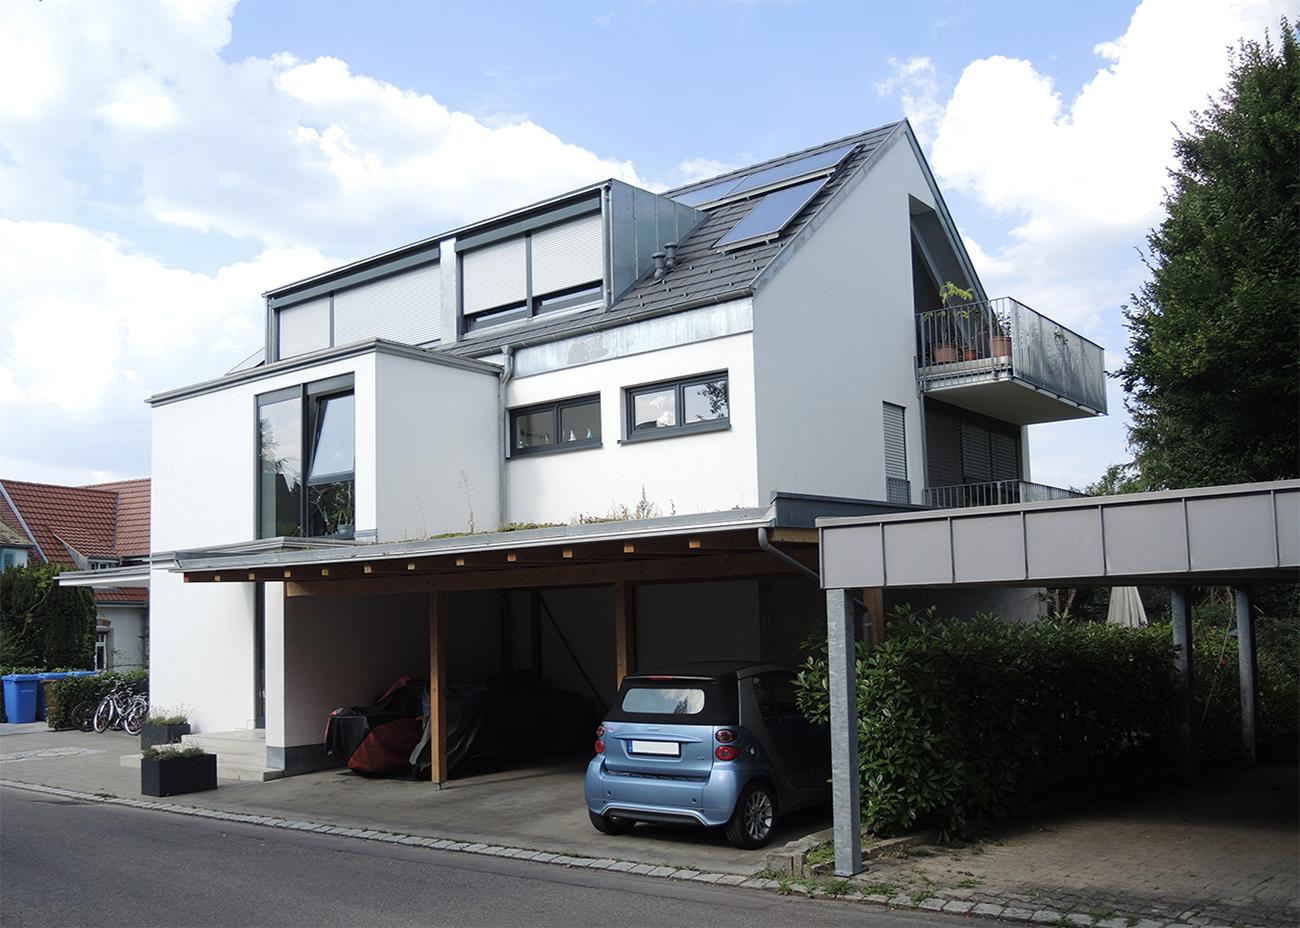 Mehrfamilienhaus Lorettosteig 48 Konstanz